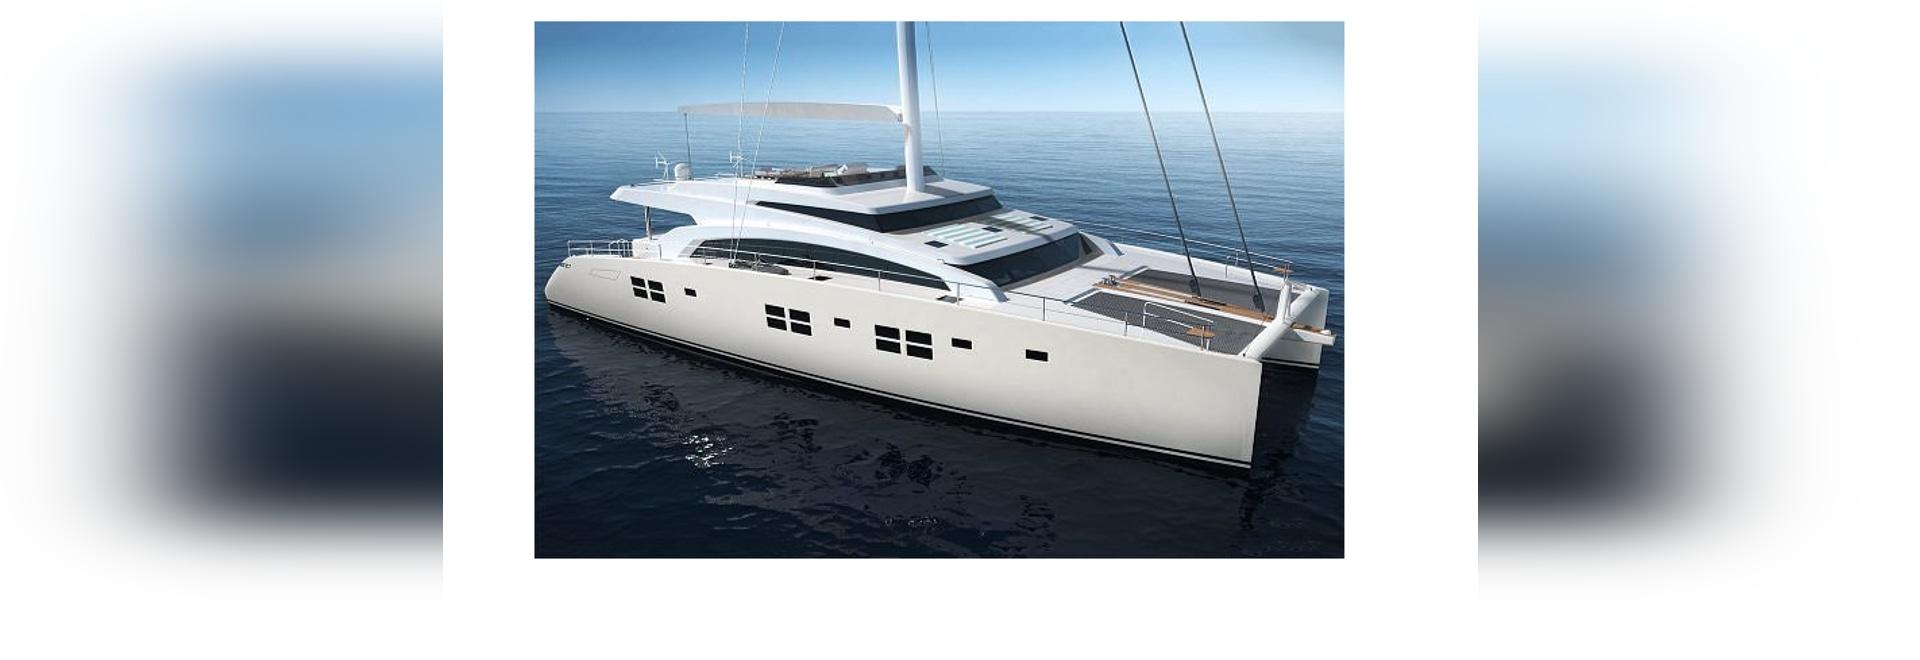 Les yachts de Sunreef construit une 88Ft double plate-forme naviguant le superyacht